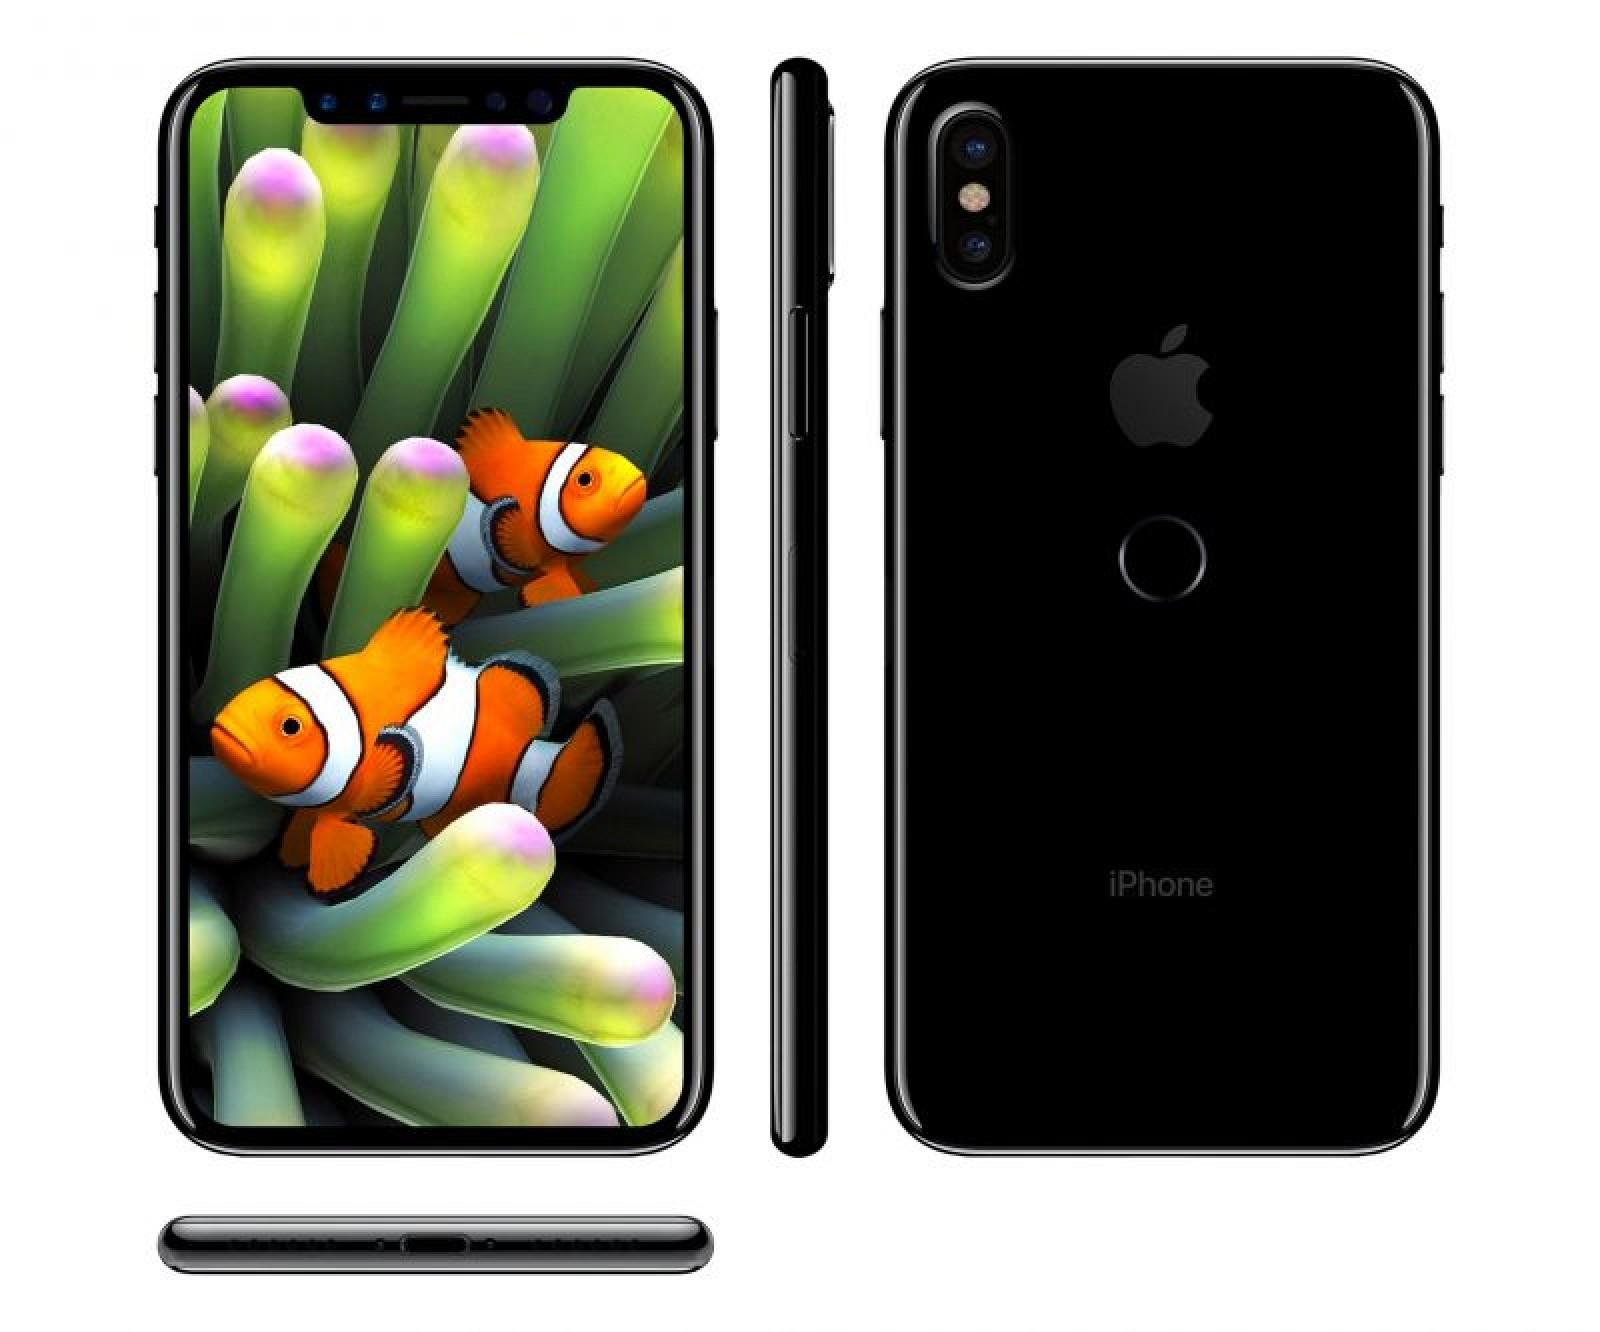 iphone-8-benjamin-geskin-800×666-2